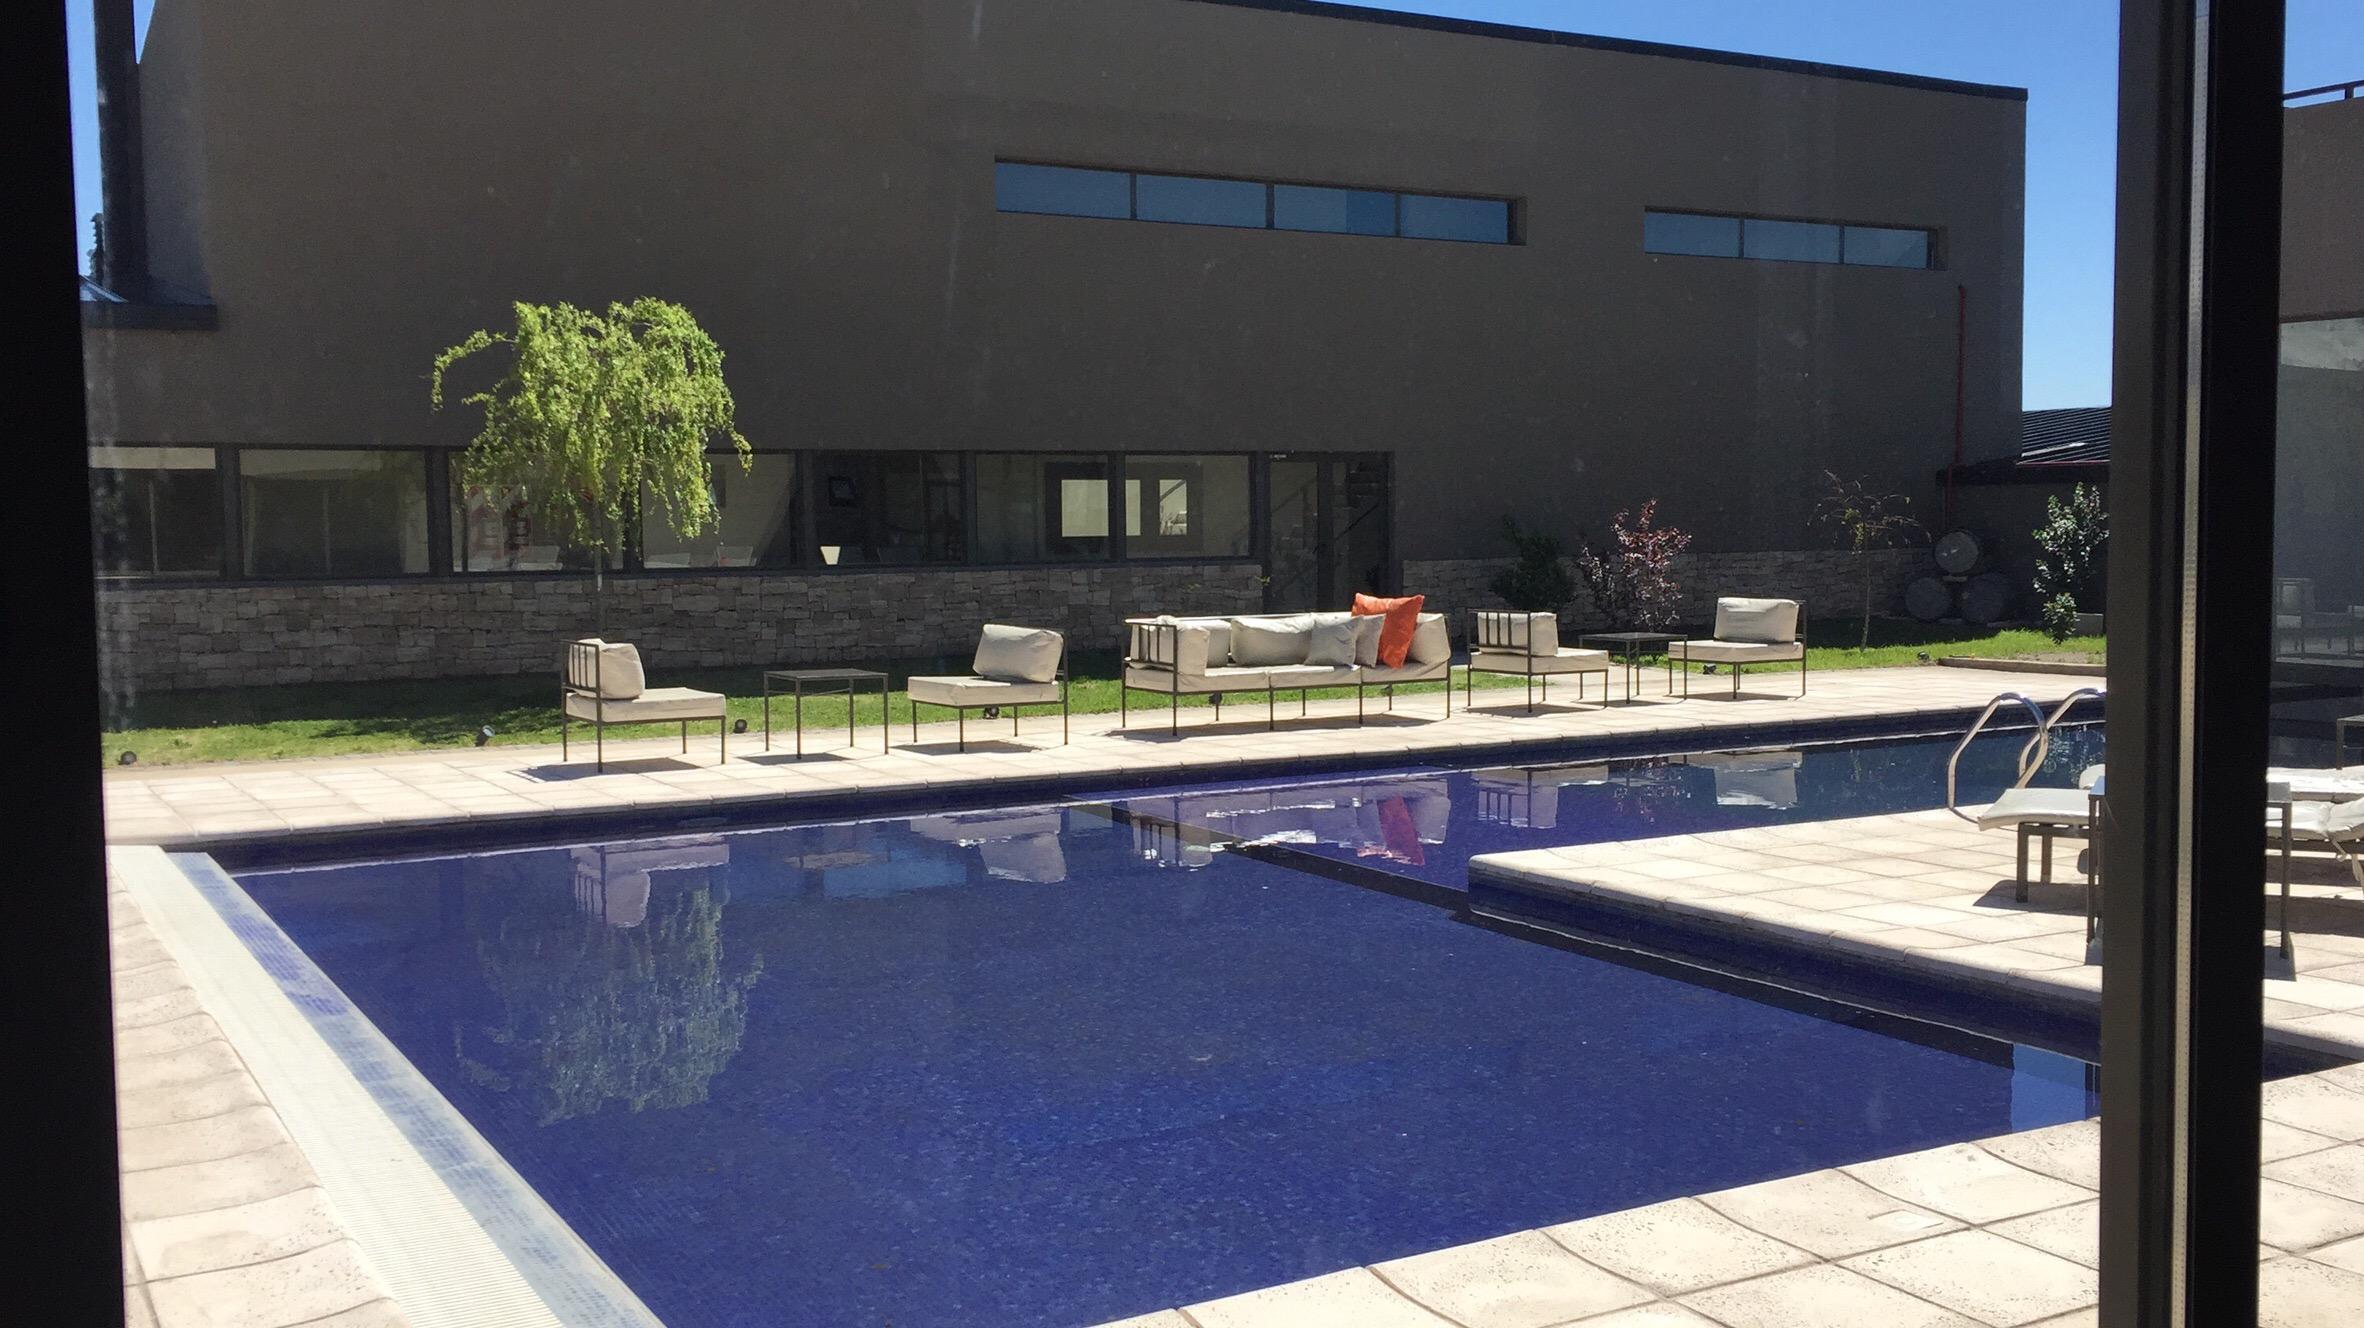 img 8336 - Hotel Auberge du Vin en Mendoza